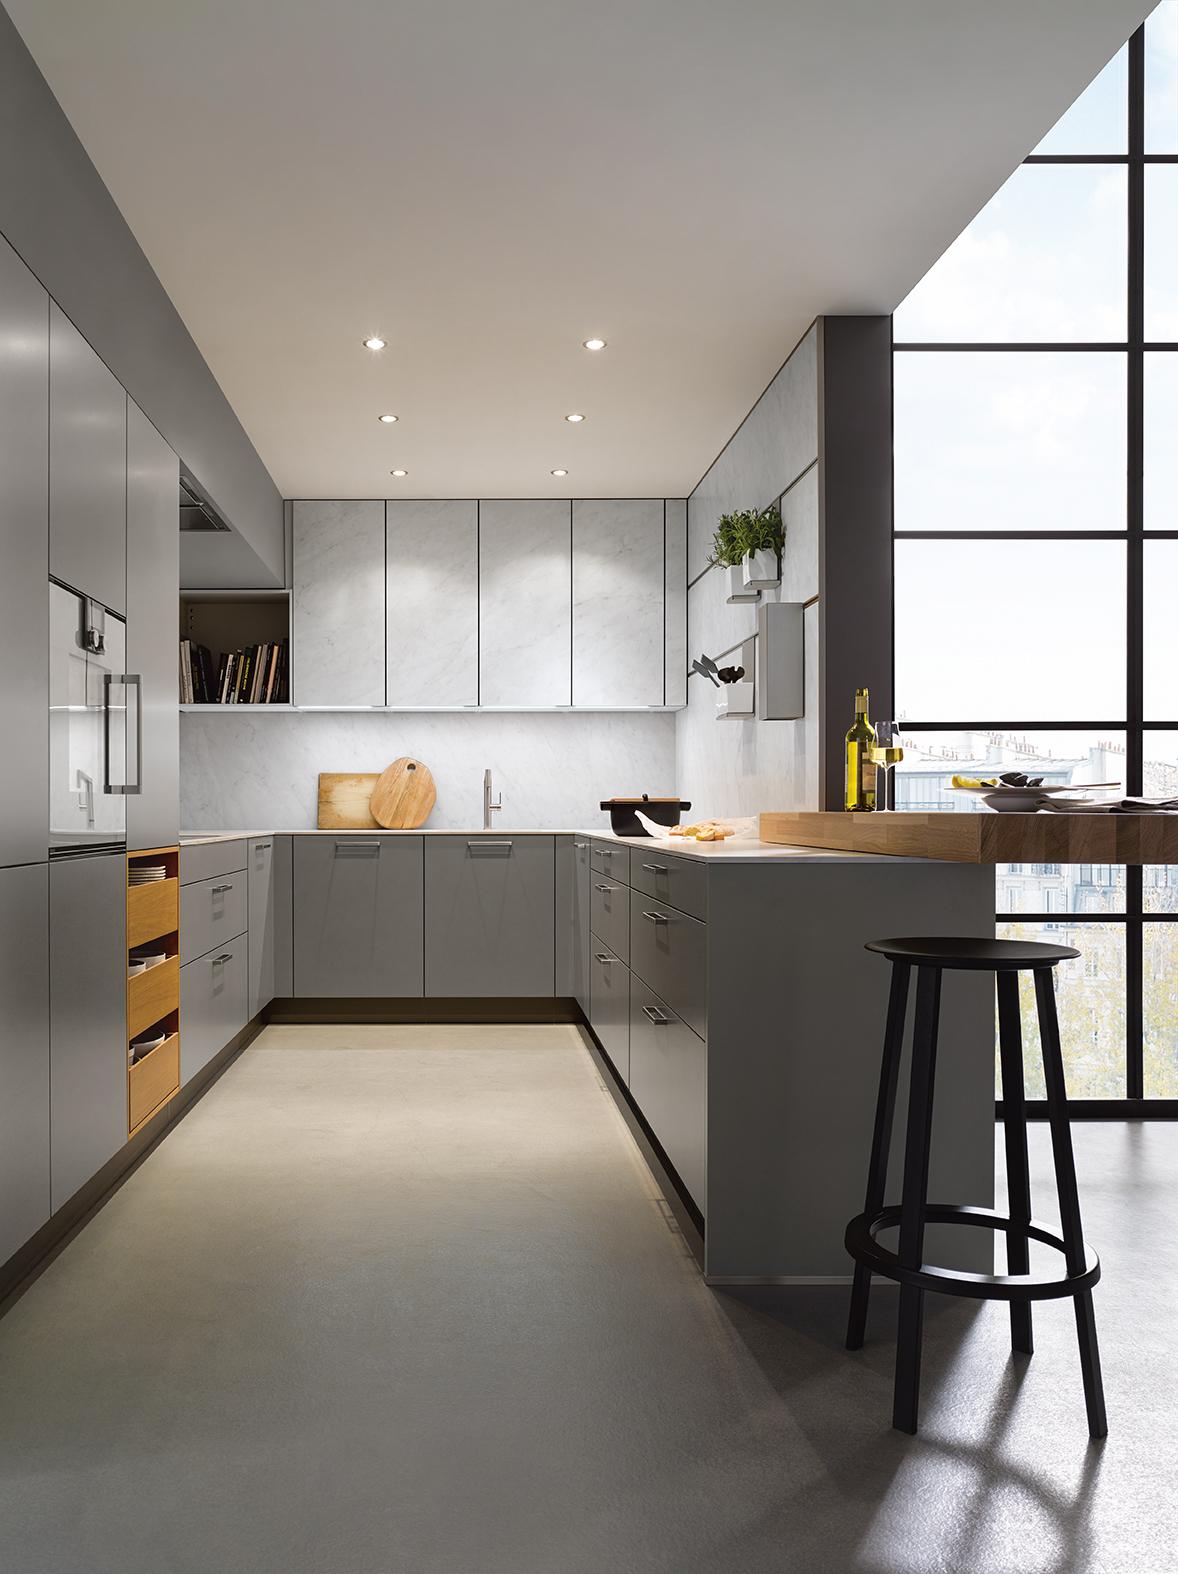 Cuisine équipée intégrée grise contemporaine au style épuré ! bois et rangement haut de gamme